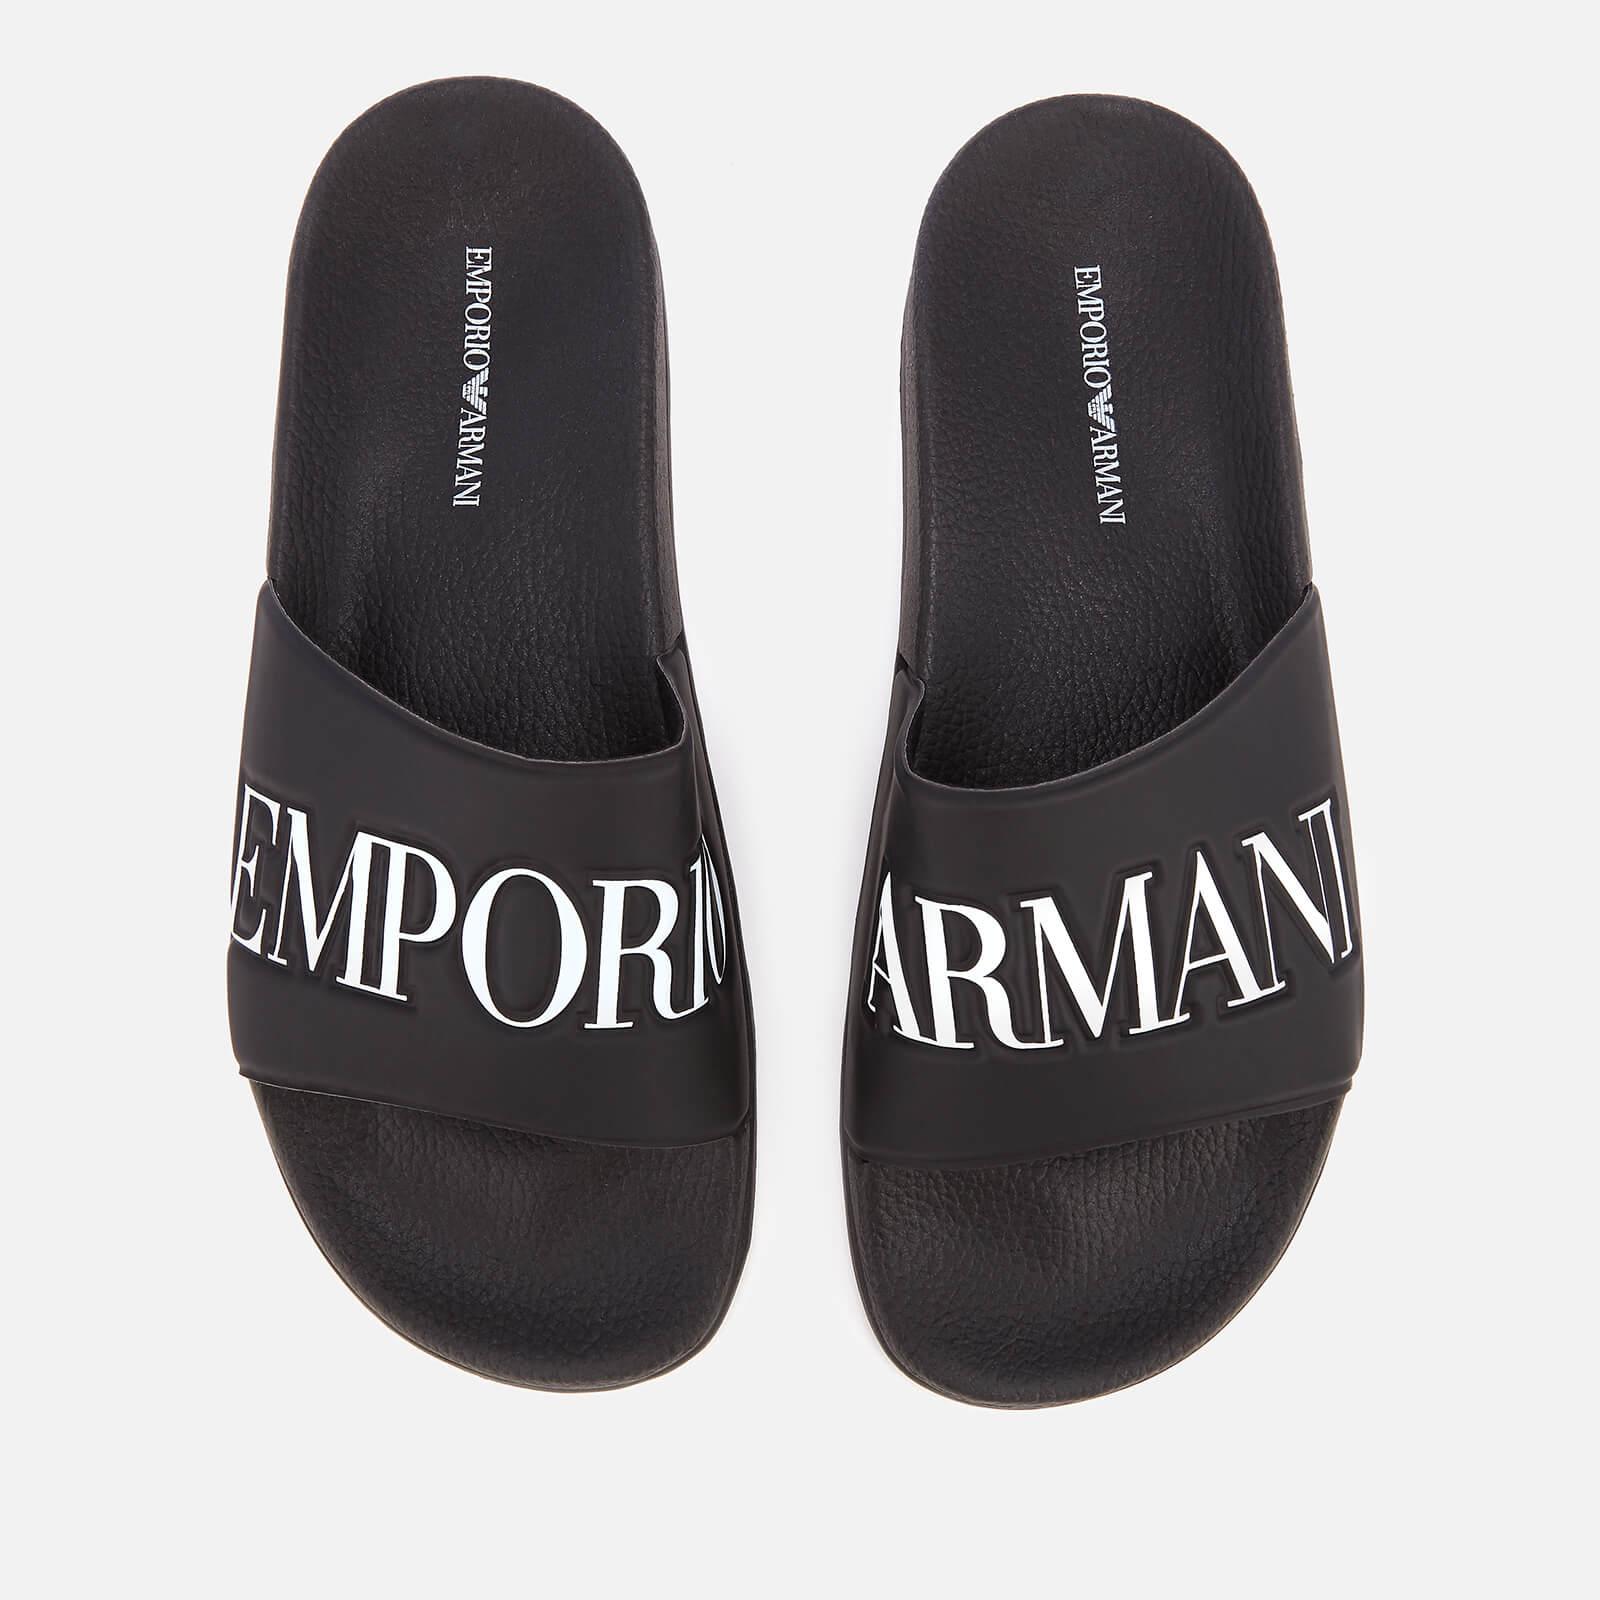 dea1d8cf7 Emporio Armani Men's Zadar Slide Sandals - Black/White - Free UK Delivery  over £50